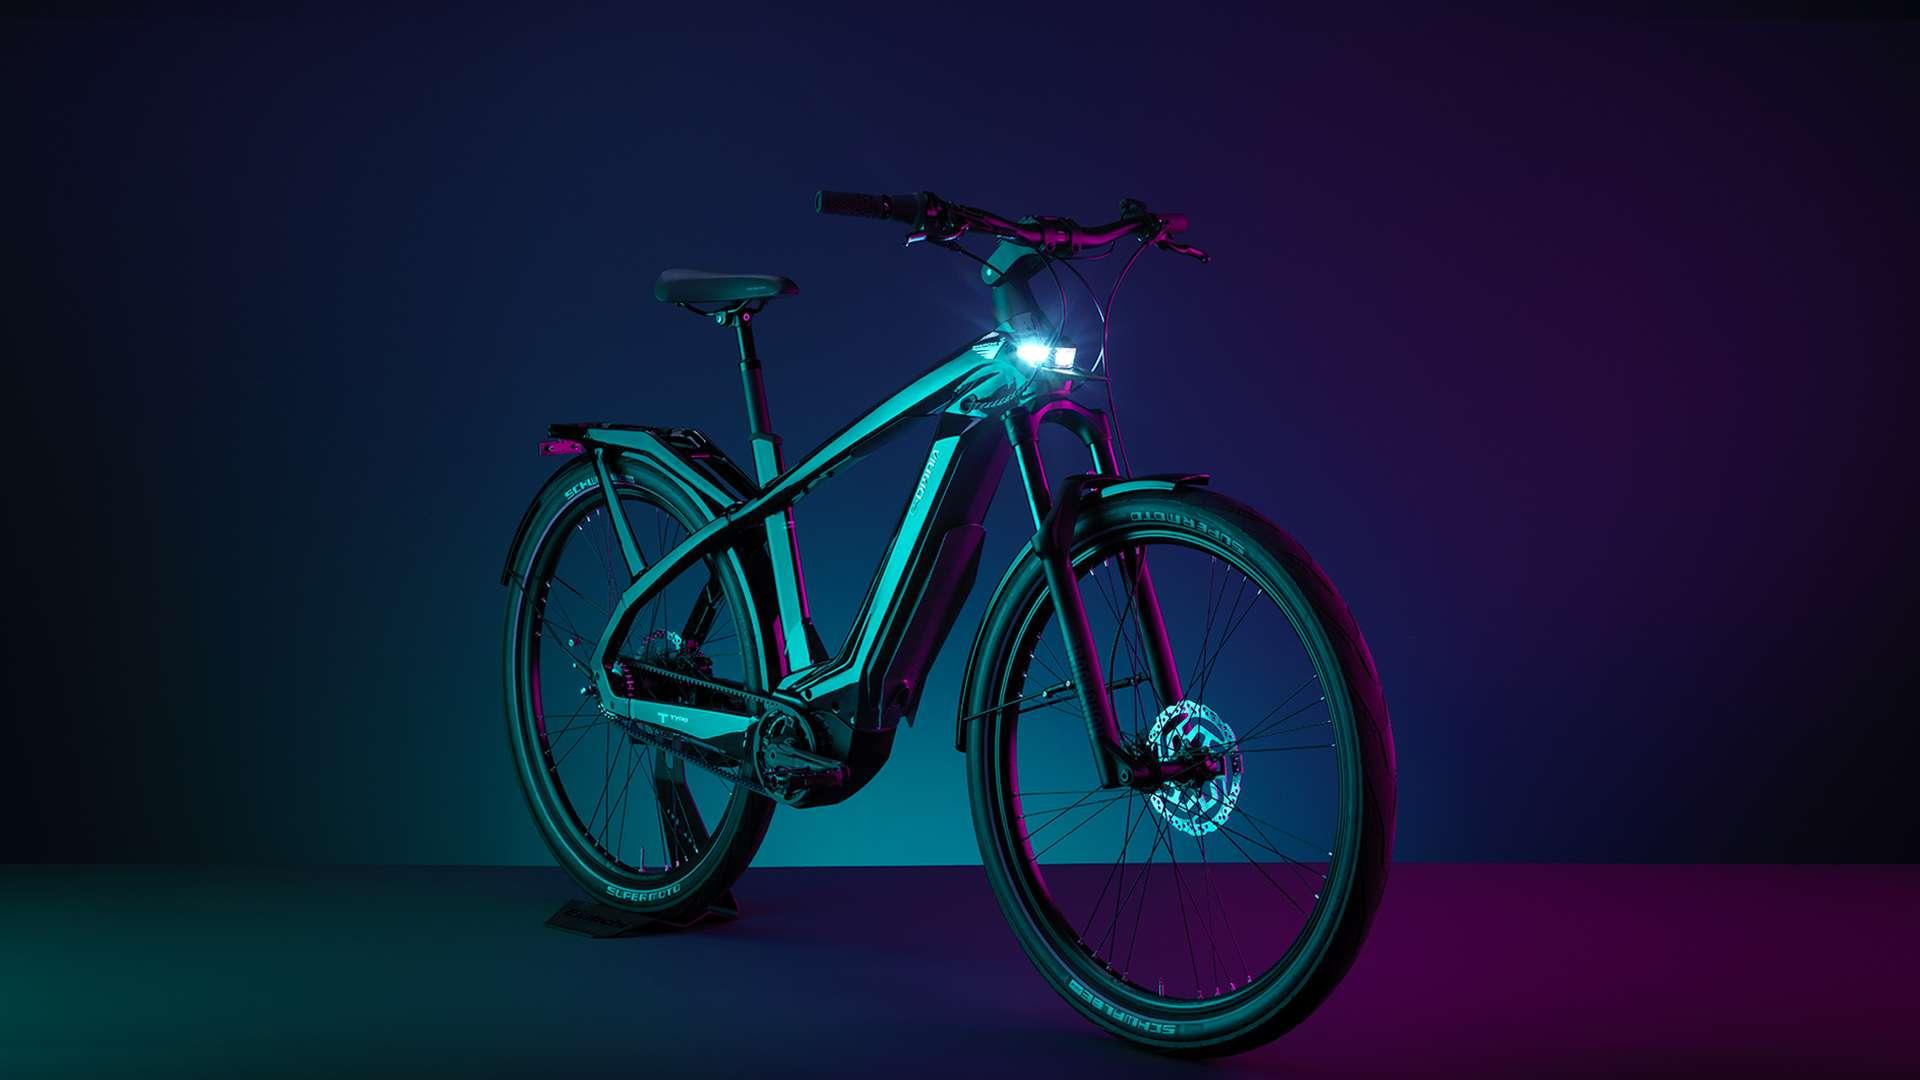 NOVINKY 2021 / 3.ČASŤ - E-Omnia - jedna platforma e-bikov pre všetkých jazdcov